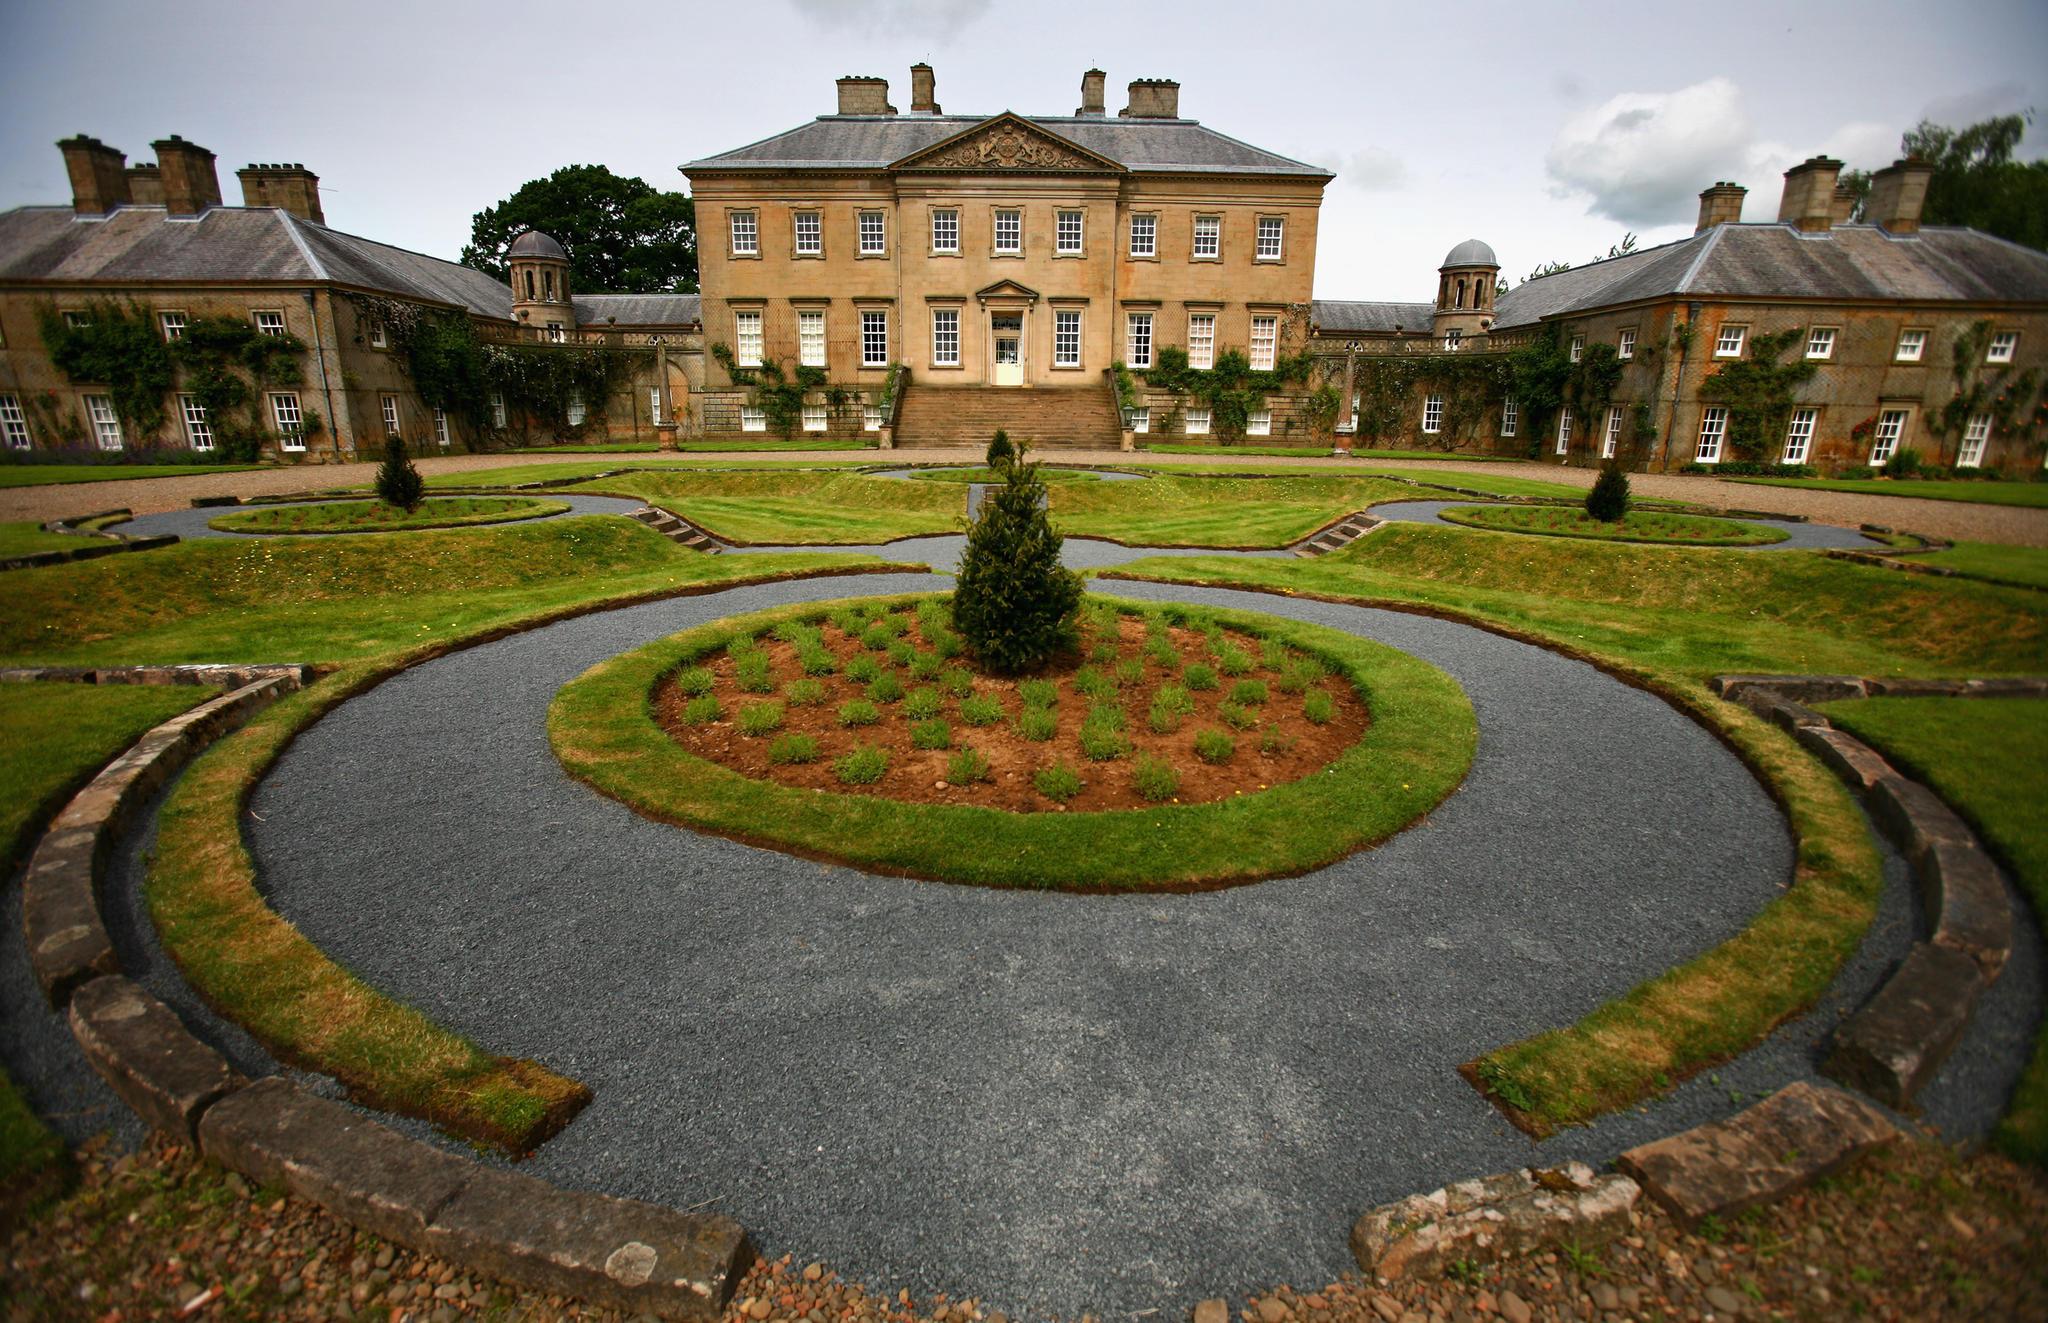 """Das Dumfries House wurde im 18. Jahrhundert von den Architekten John und Robert Adam erbaut und befand sich dann über 250 Jahre im Privatbesitz. Erst nachdem Prinz Charles das Anwesen zusammen mit der""""Prince's Foundation erwarb und restaurierte, wurde es 2008 der Öffentlichkeit zugänglich gemacht."""